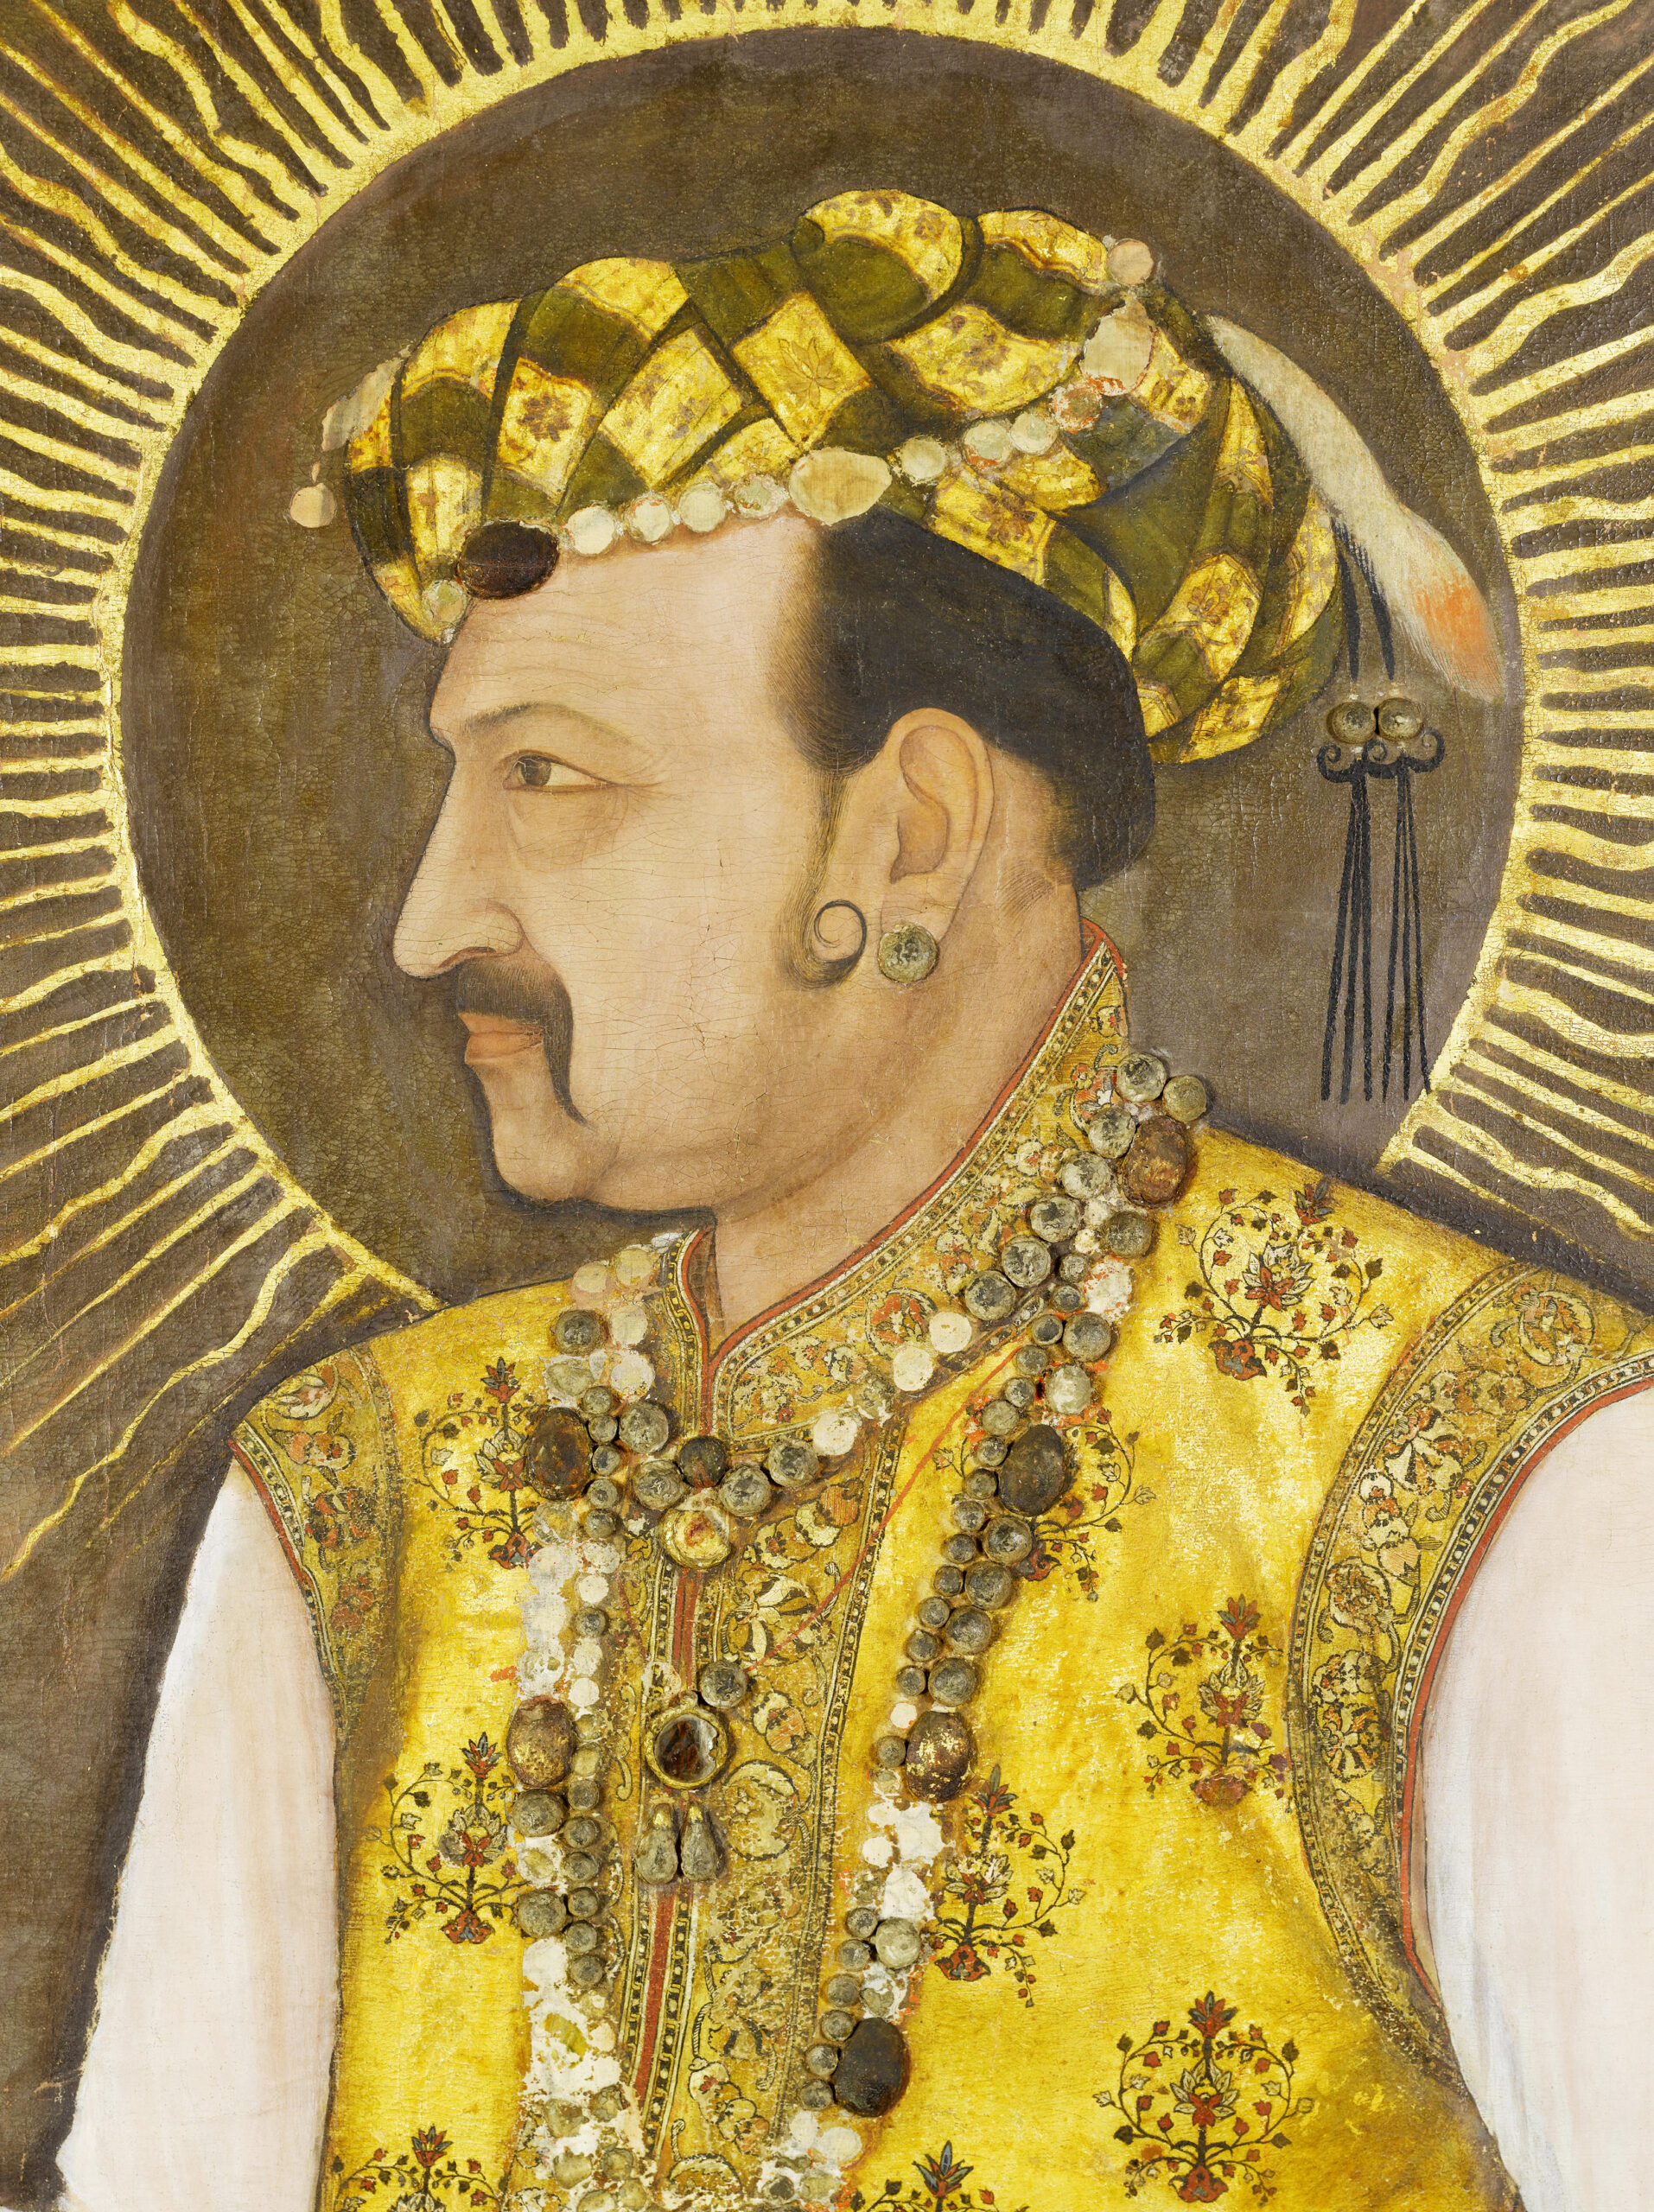 മുഗൾ രാജവംശത്തിലെ ഏറ്റവും ശക്തമായ 5 ചക്രവർത്തിമാർ(Top 5 Most Powerful Emperor of Mughal Dynasty)_70.1